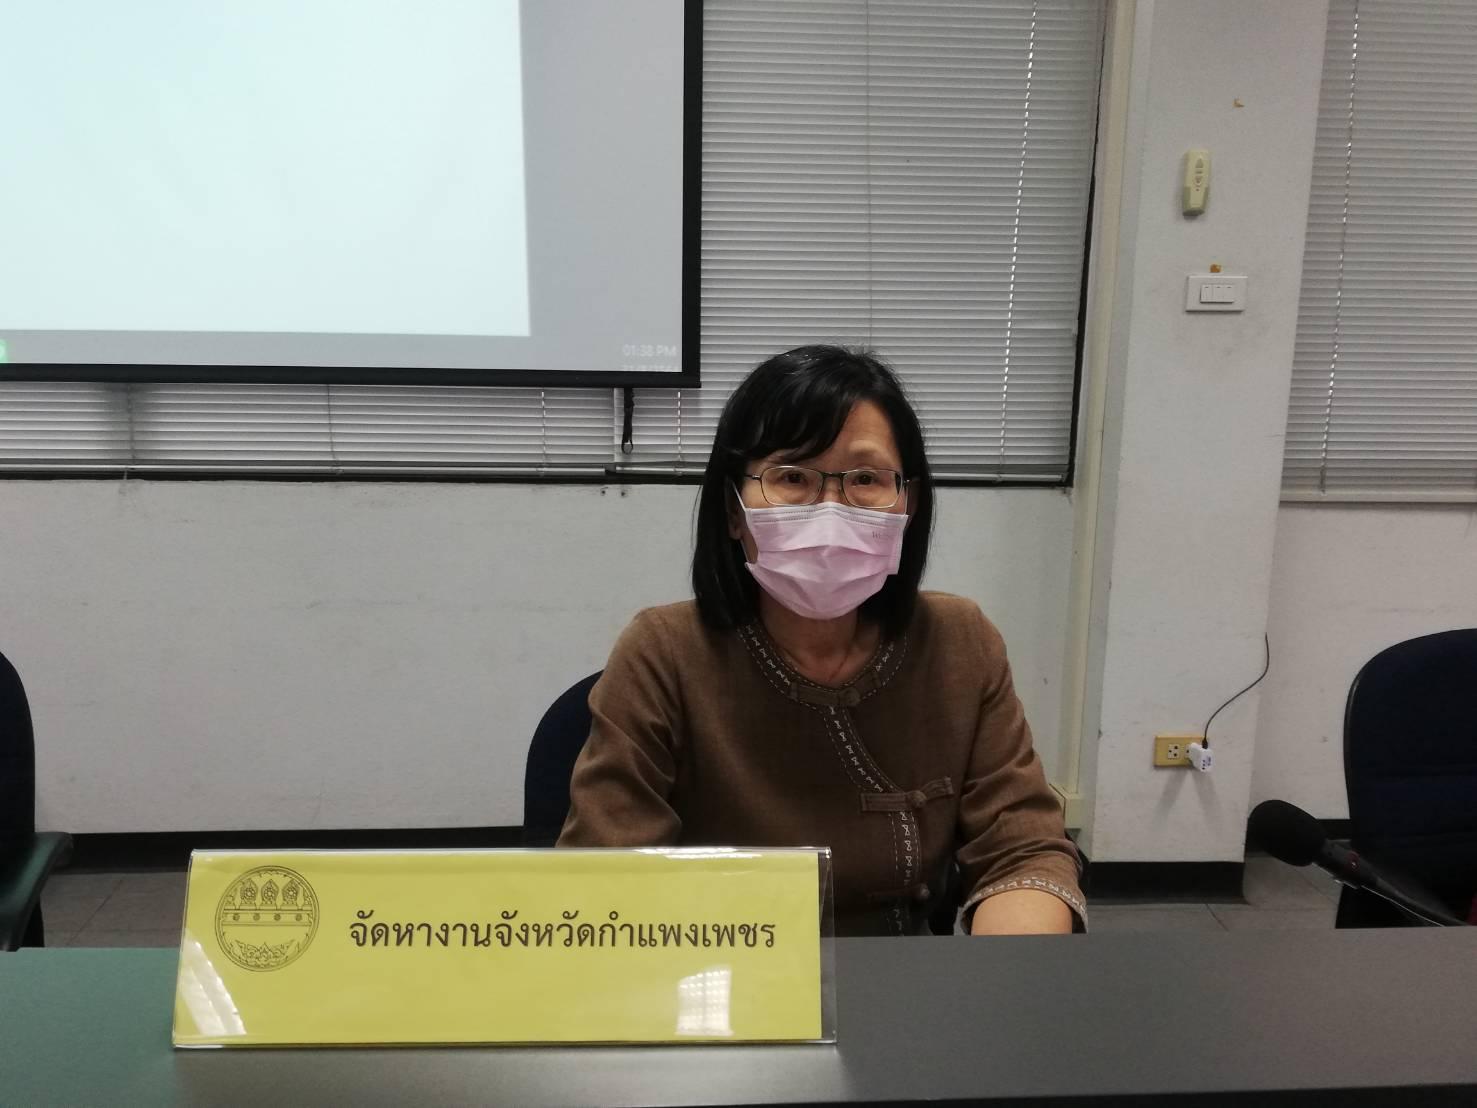 เข้าร่วมการประชุมคณะกรรมการโรคติดต่อจังหวัดกำแพงเพชรและหน่วยงานที่เกี่ยวข้อง